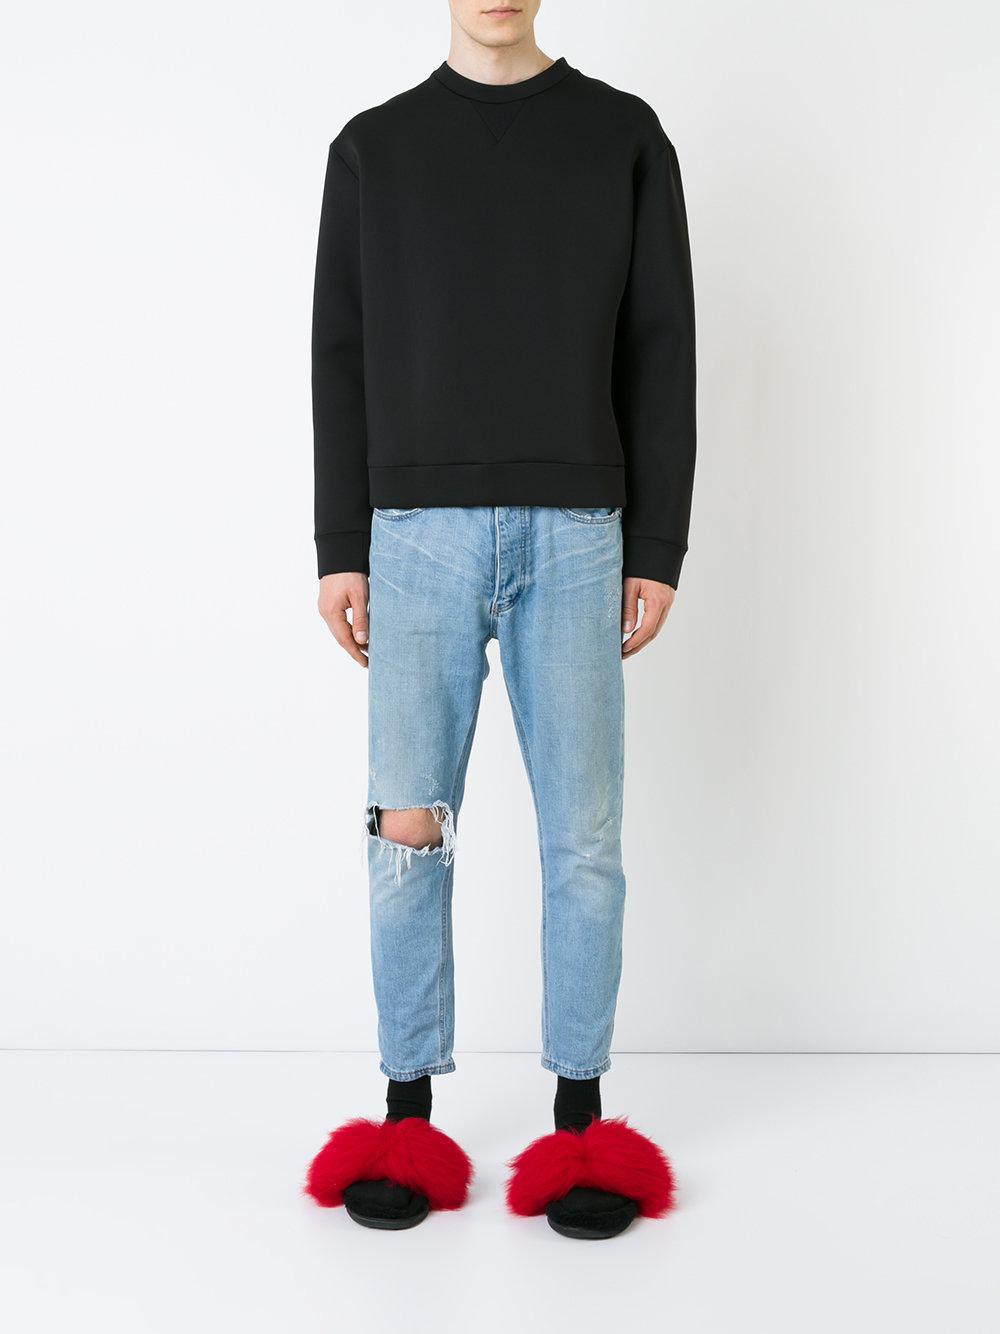 EX Infinitas Synthetic Wet Suit Crew Neck Sweatshirt in Black for Men